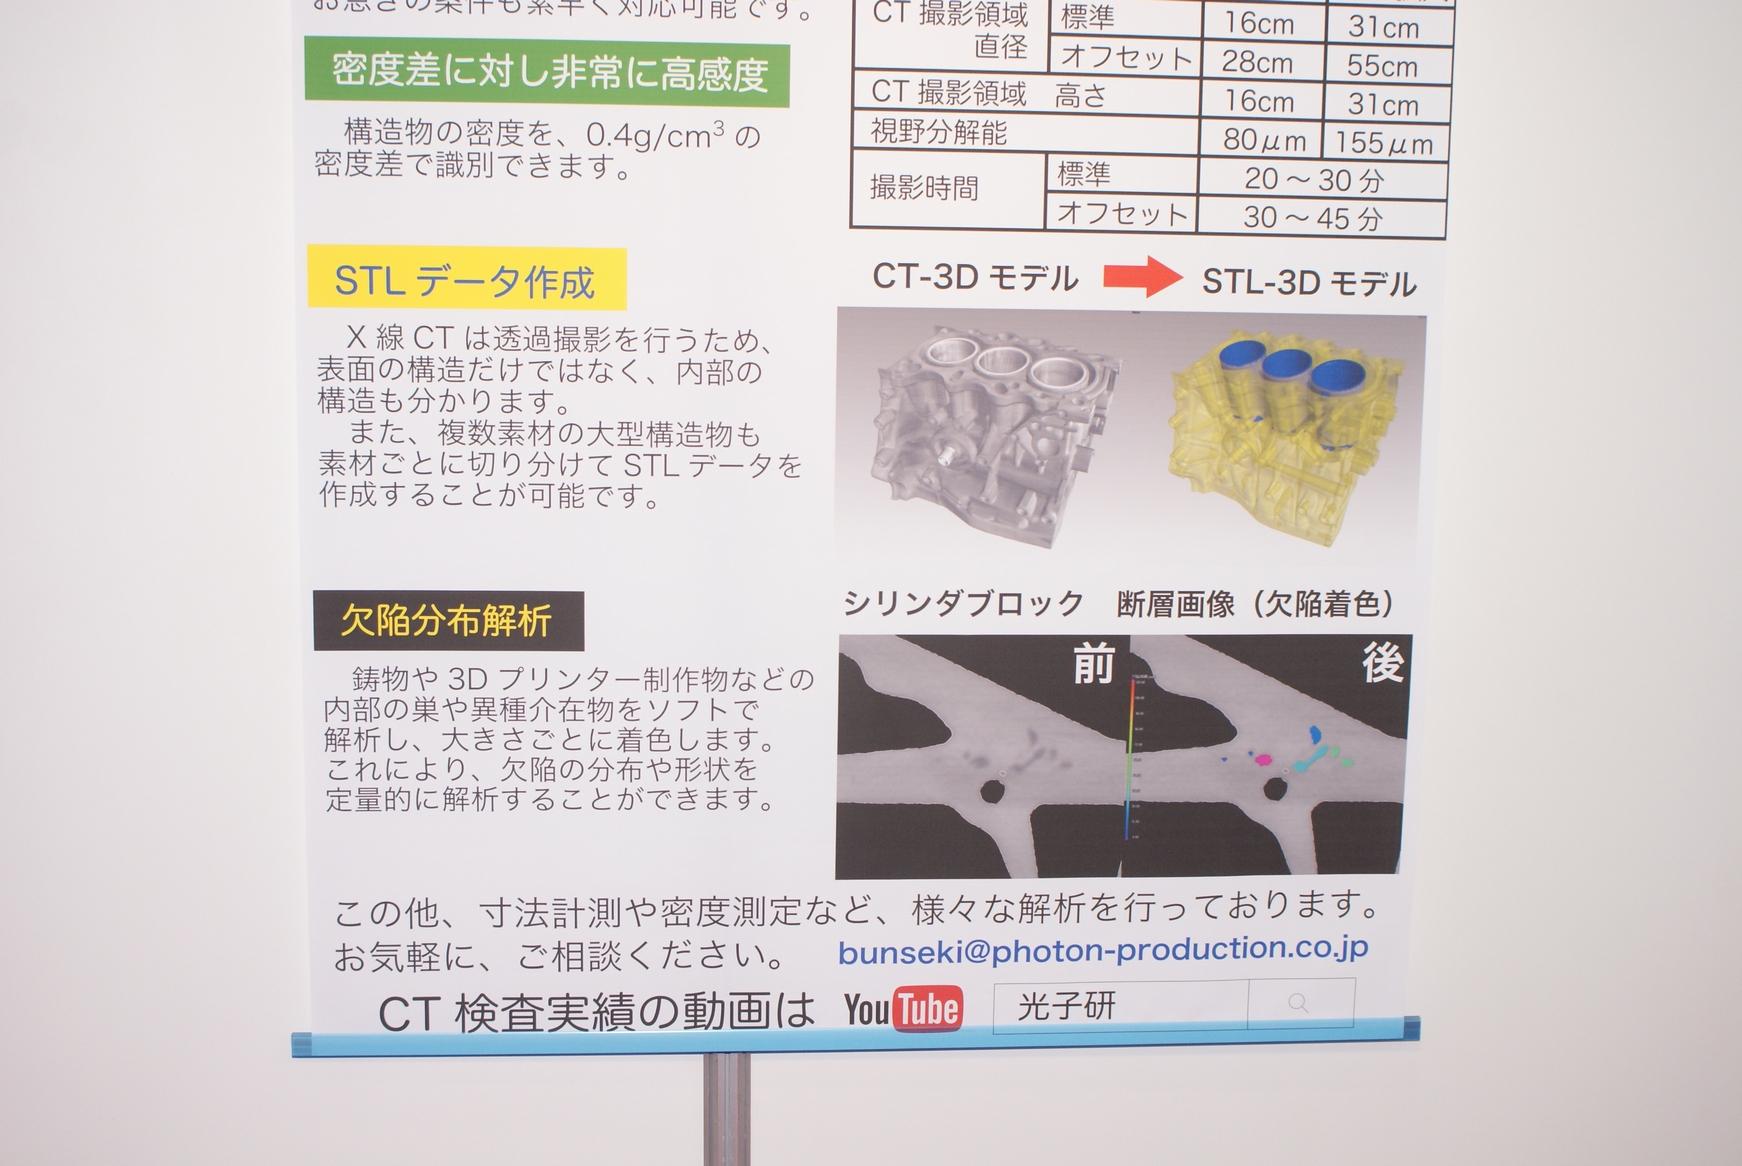 「【関西 ものづくりワールド2015】光子発生技術研究所が自動車部品用のX線CT技術を出展」の6枚目の画像